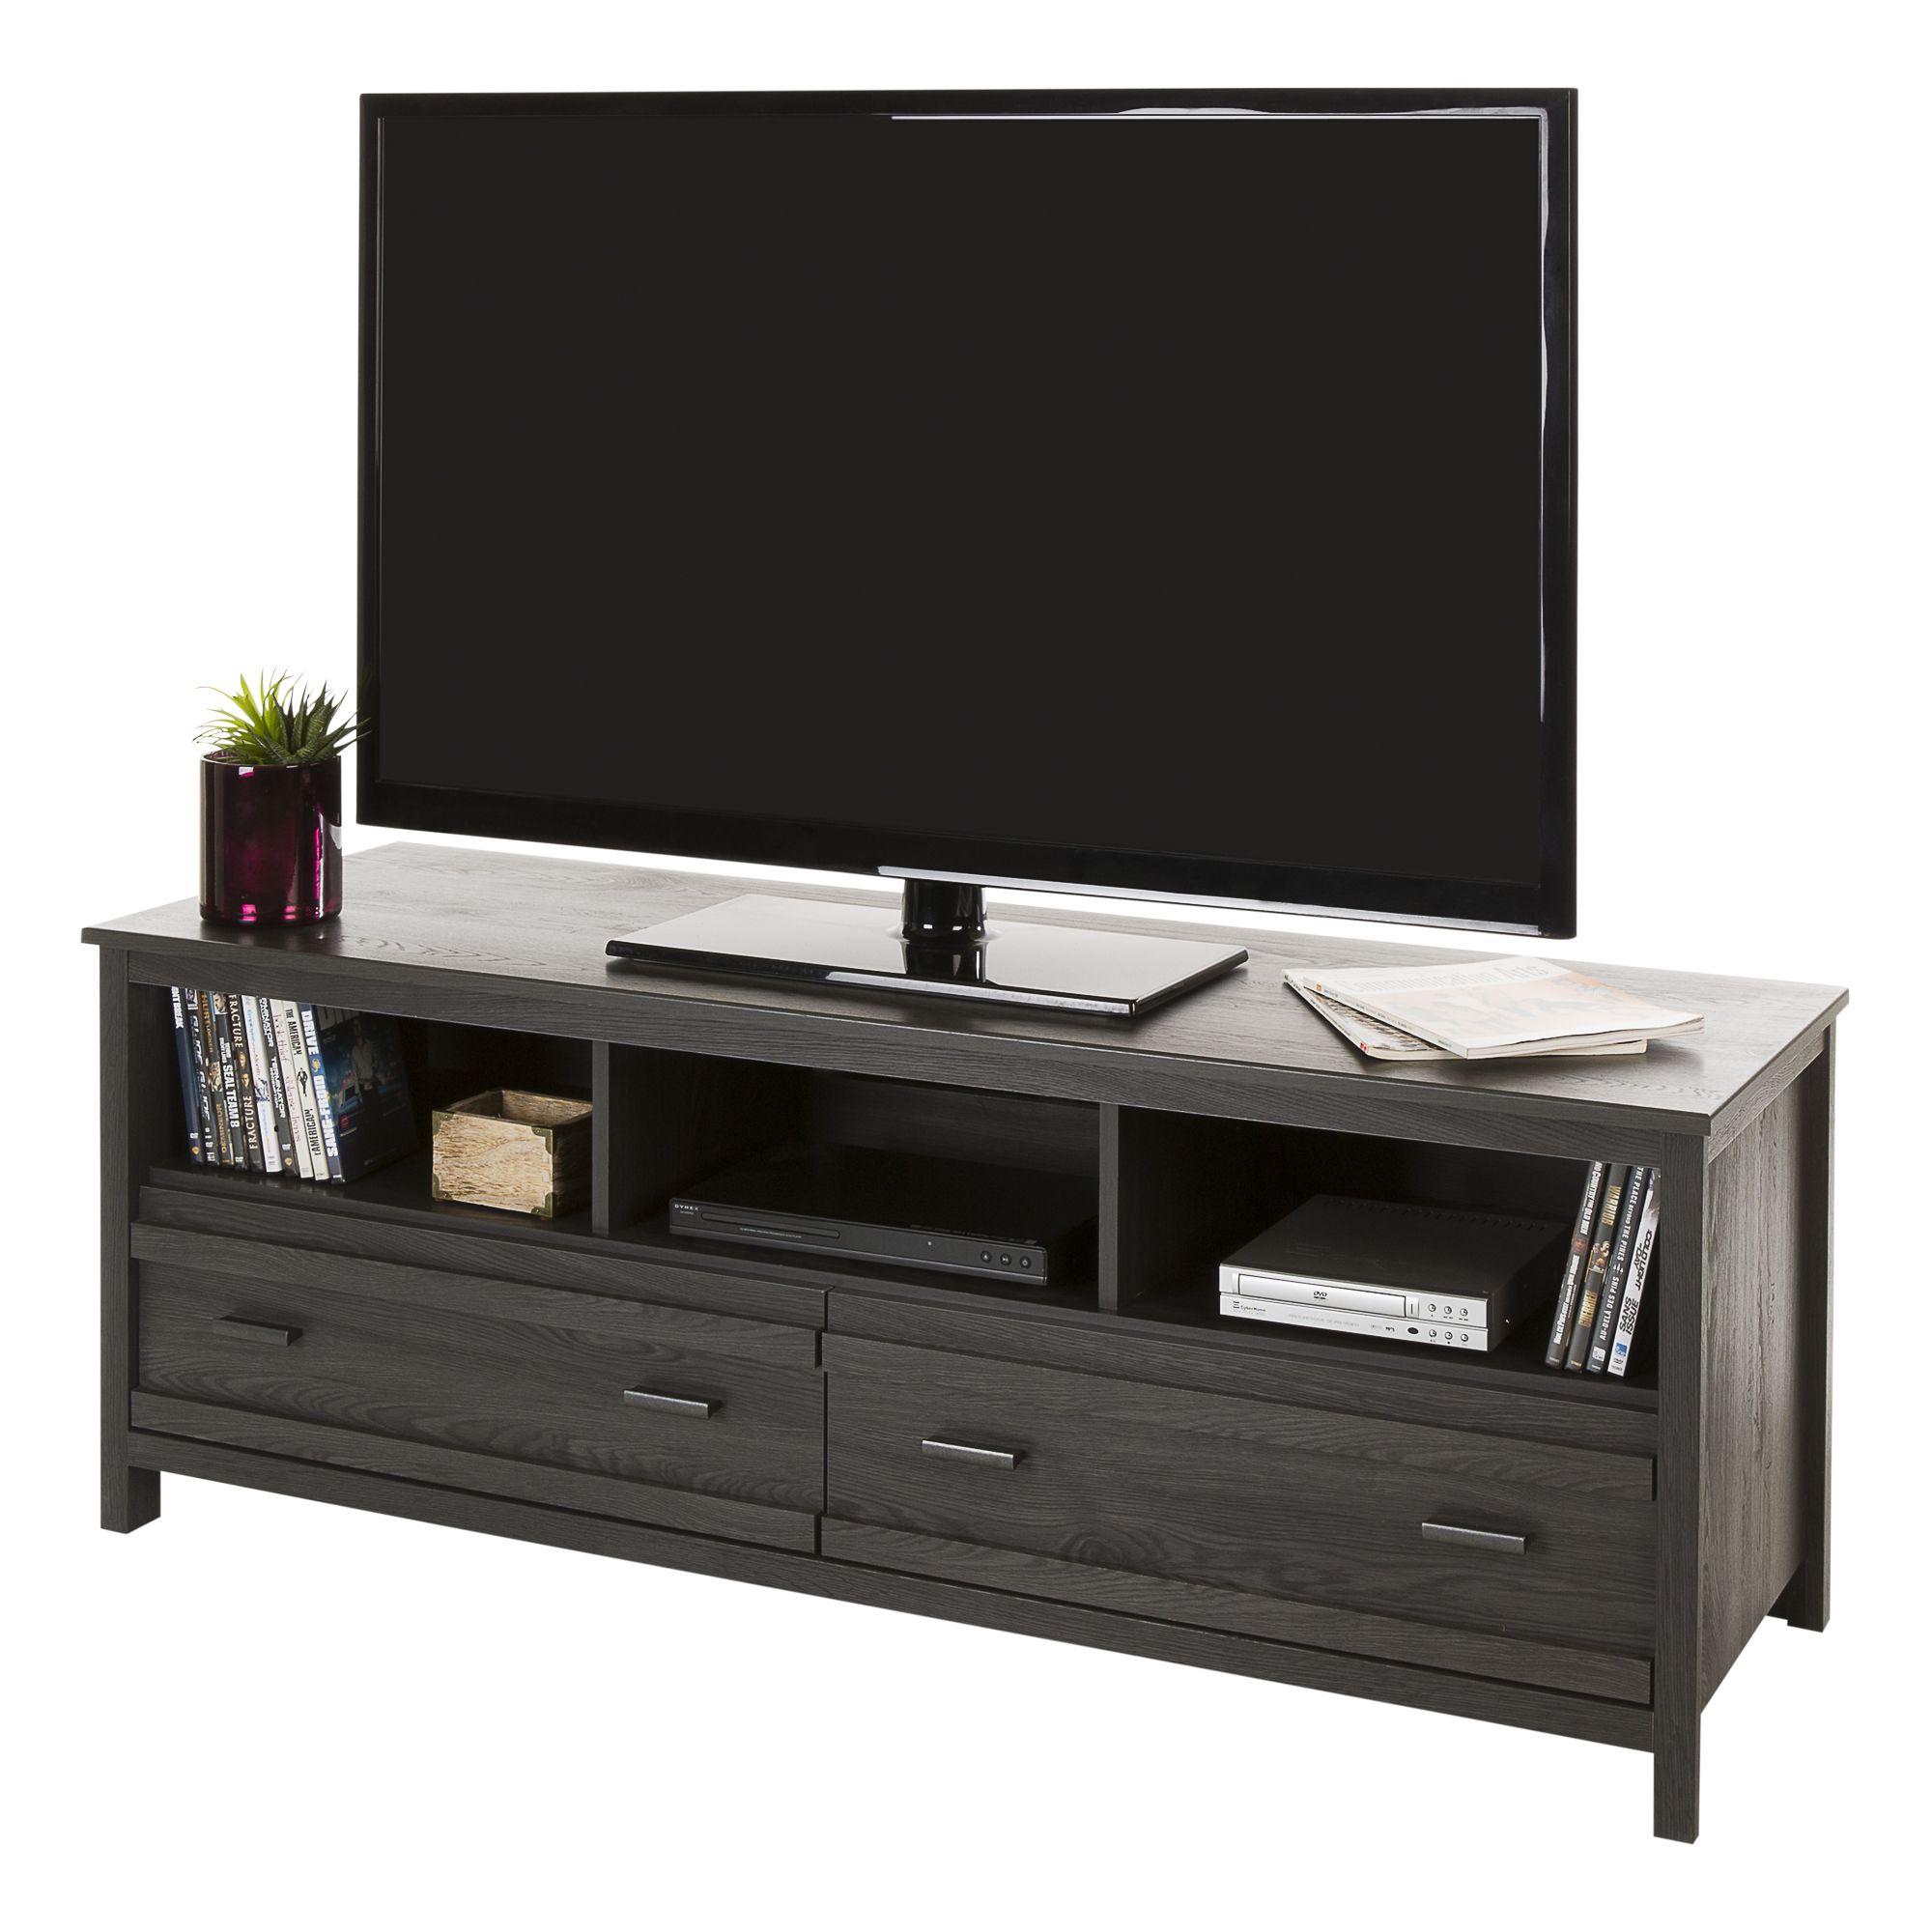 Decouvrez Le Produit Meuble Pour Tele Jusqu A 60 Meubles South Shore 10393 Disponible Chez Surplus Rd Ca Vaut Le Oak Tv Stand Tv Stand With Storage Home